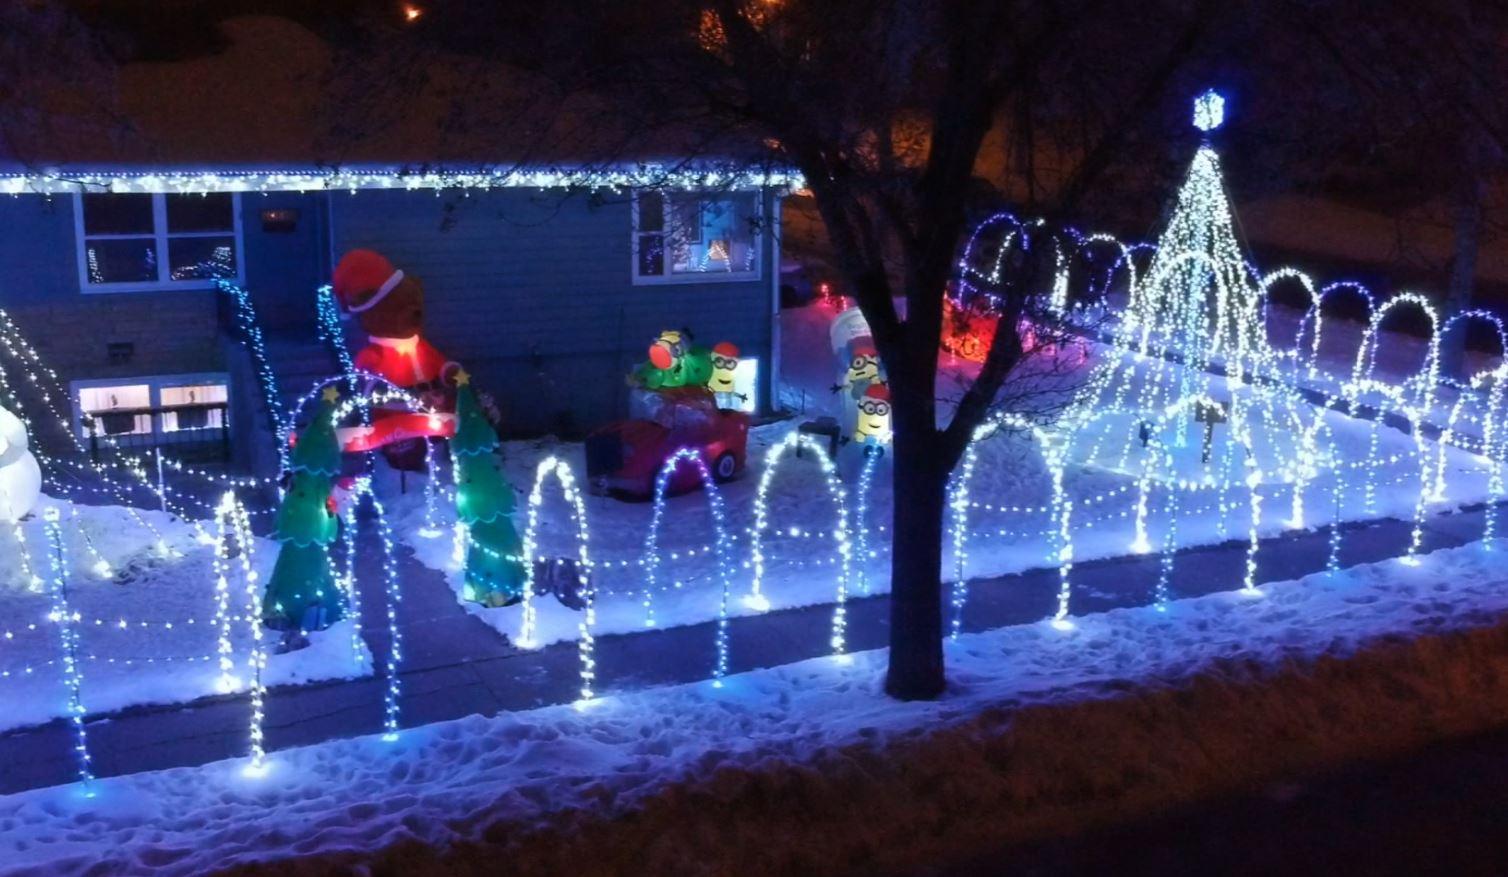 Christmas Lights Bismarck Nd 2020 Christmas kindness keeps the lights on